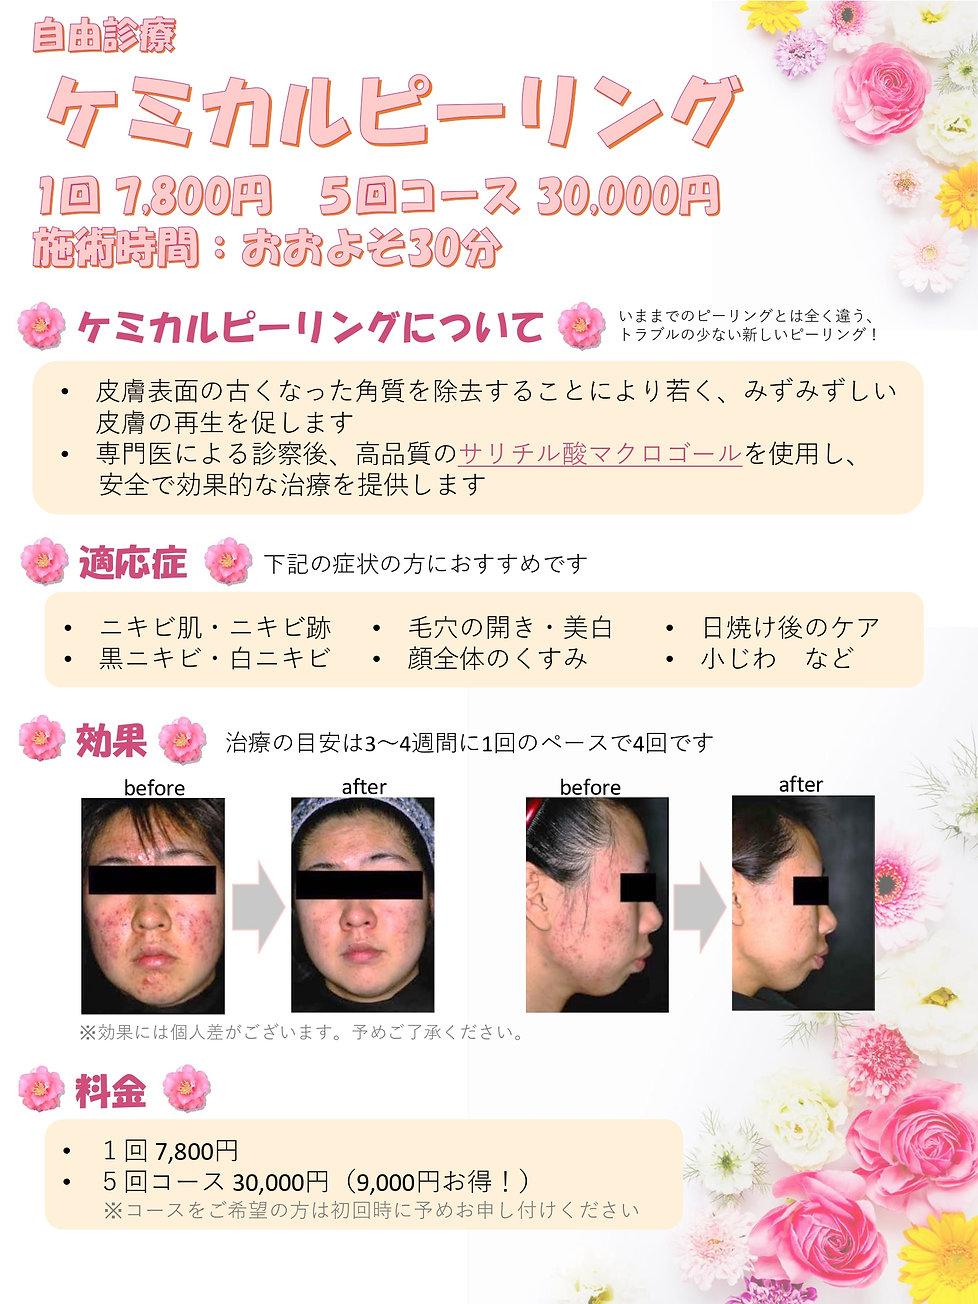 ケミカルピーリング_page-0001.jpg